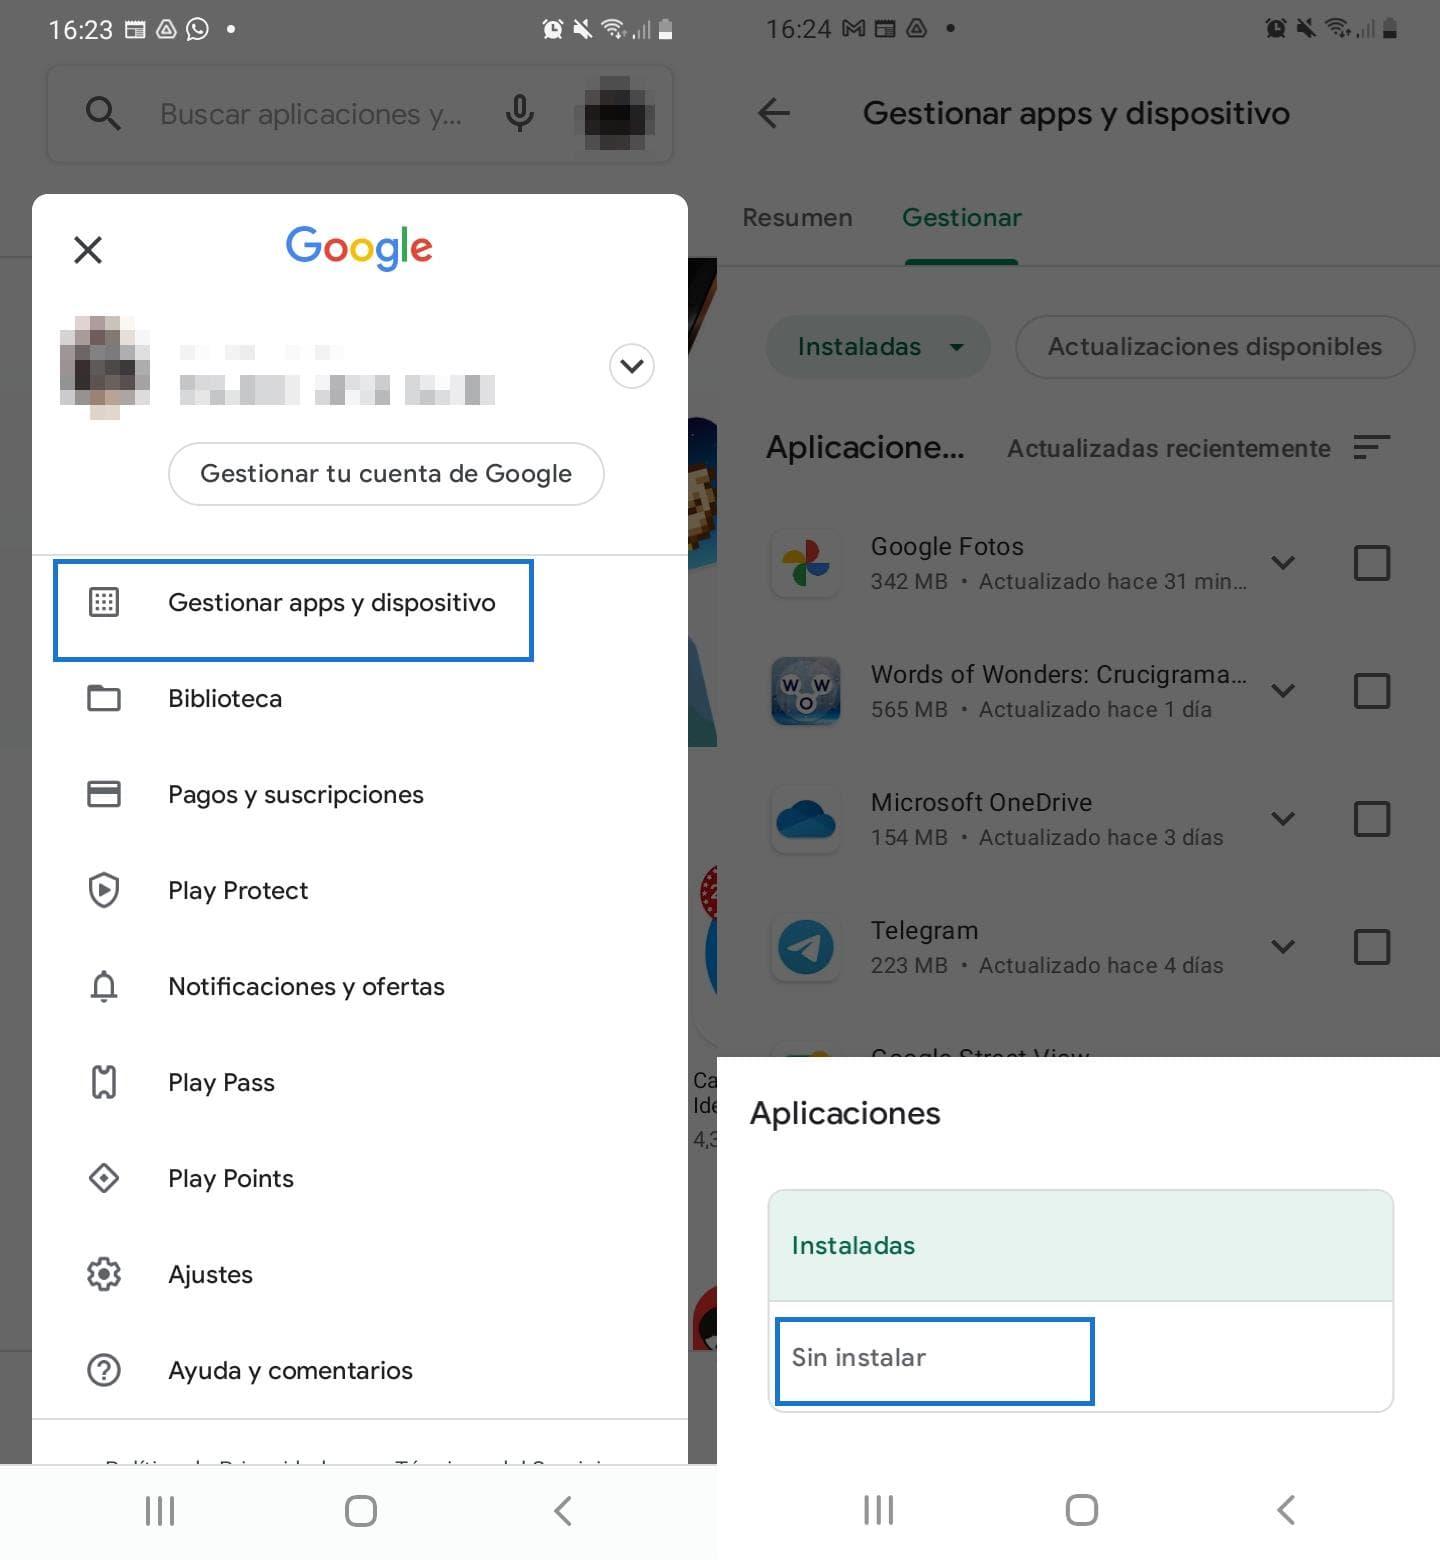 Copia de seguridad de las aplicaciones en Android